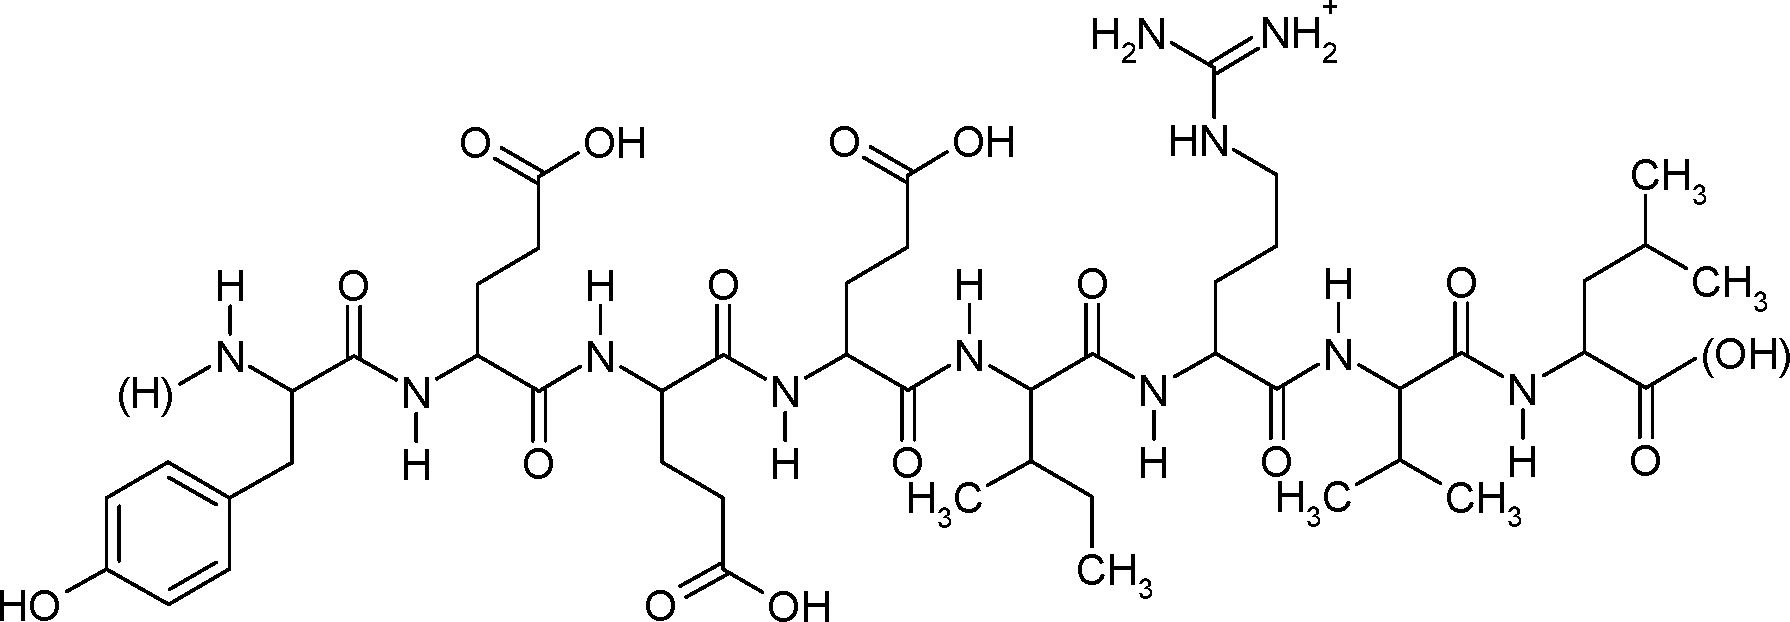 Figure DE102015223847A1_0021